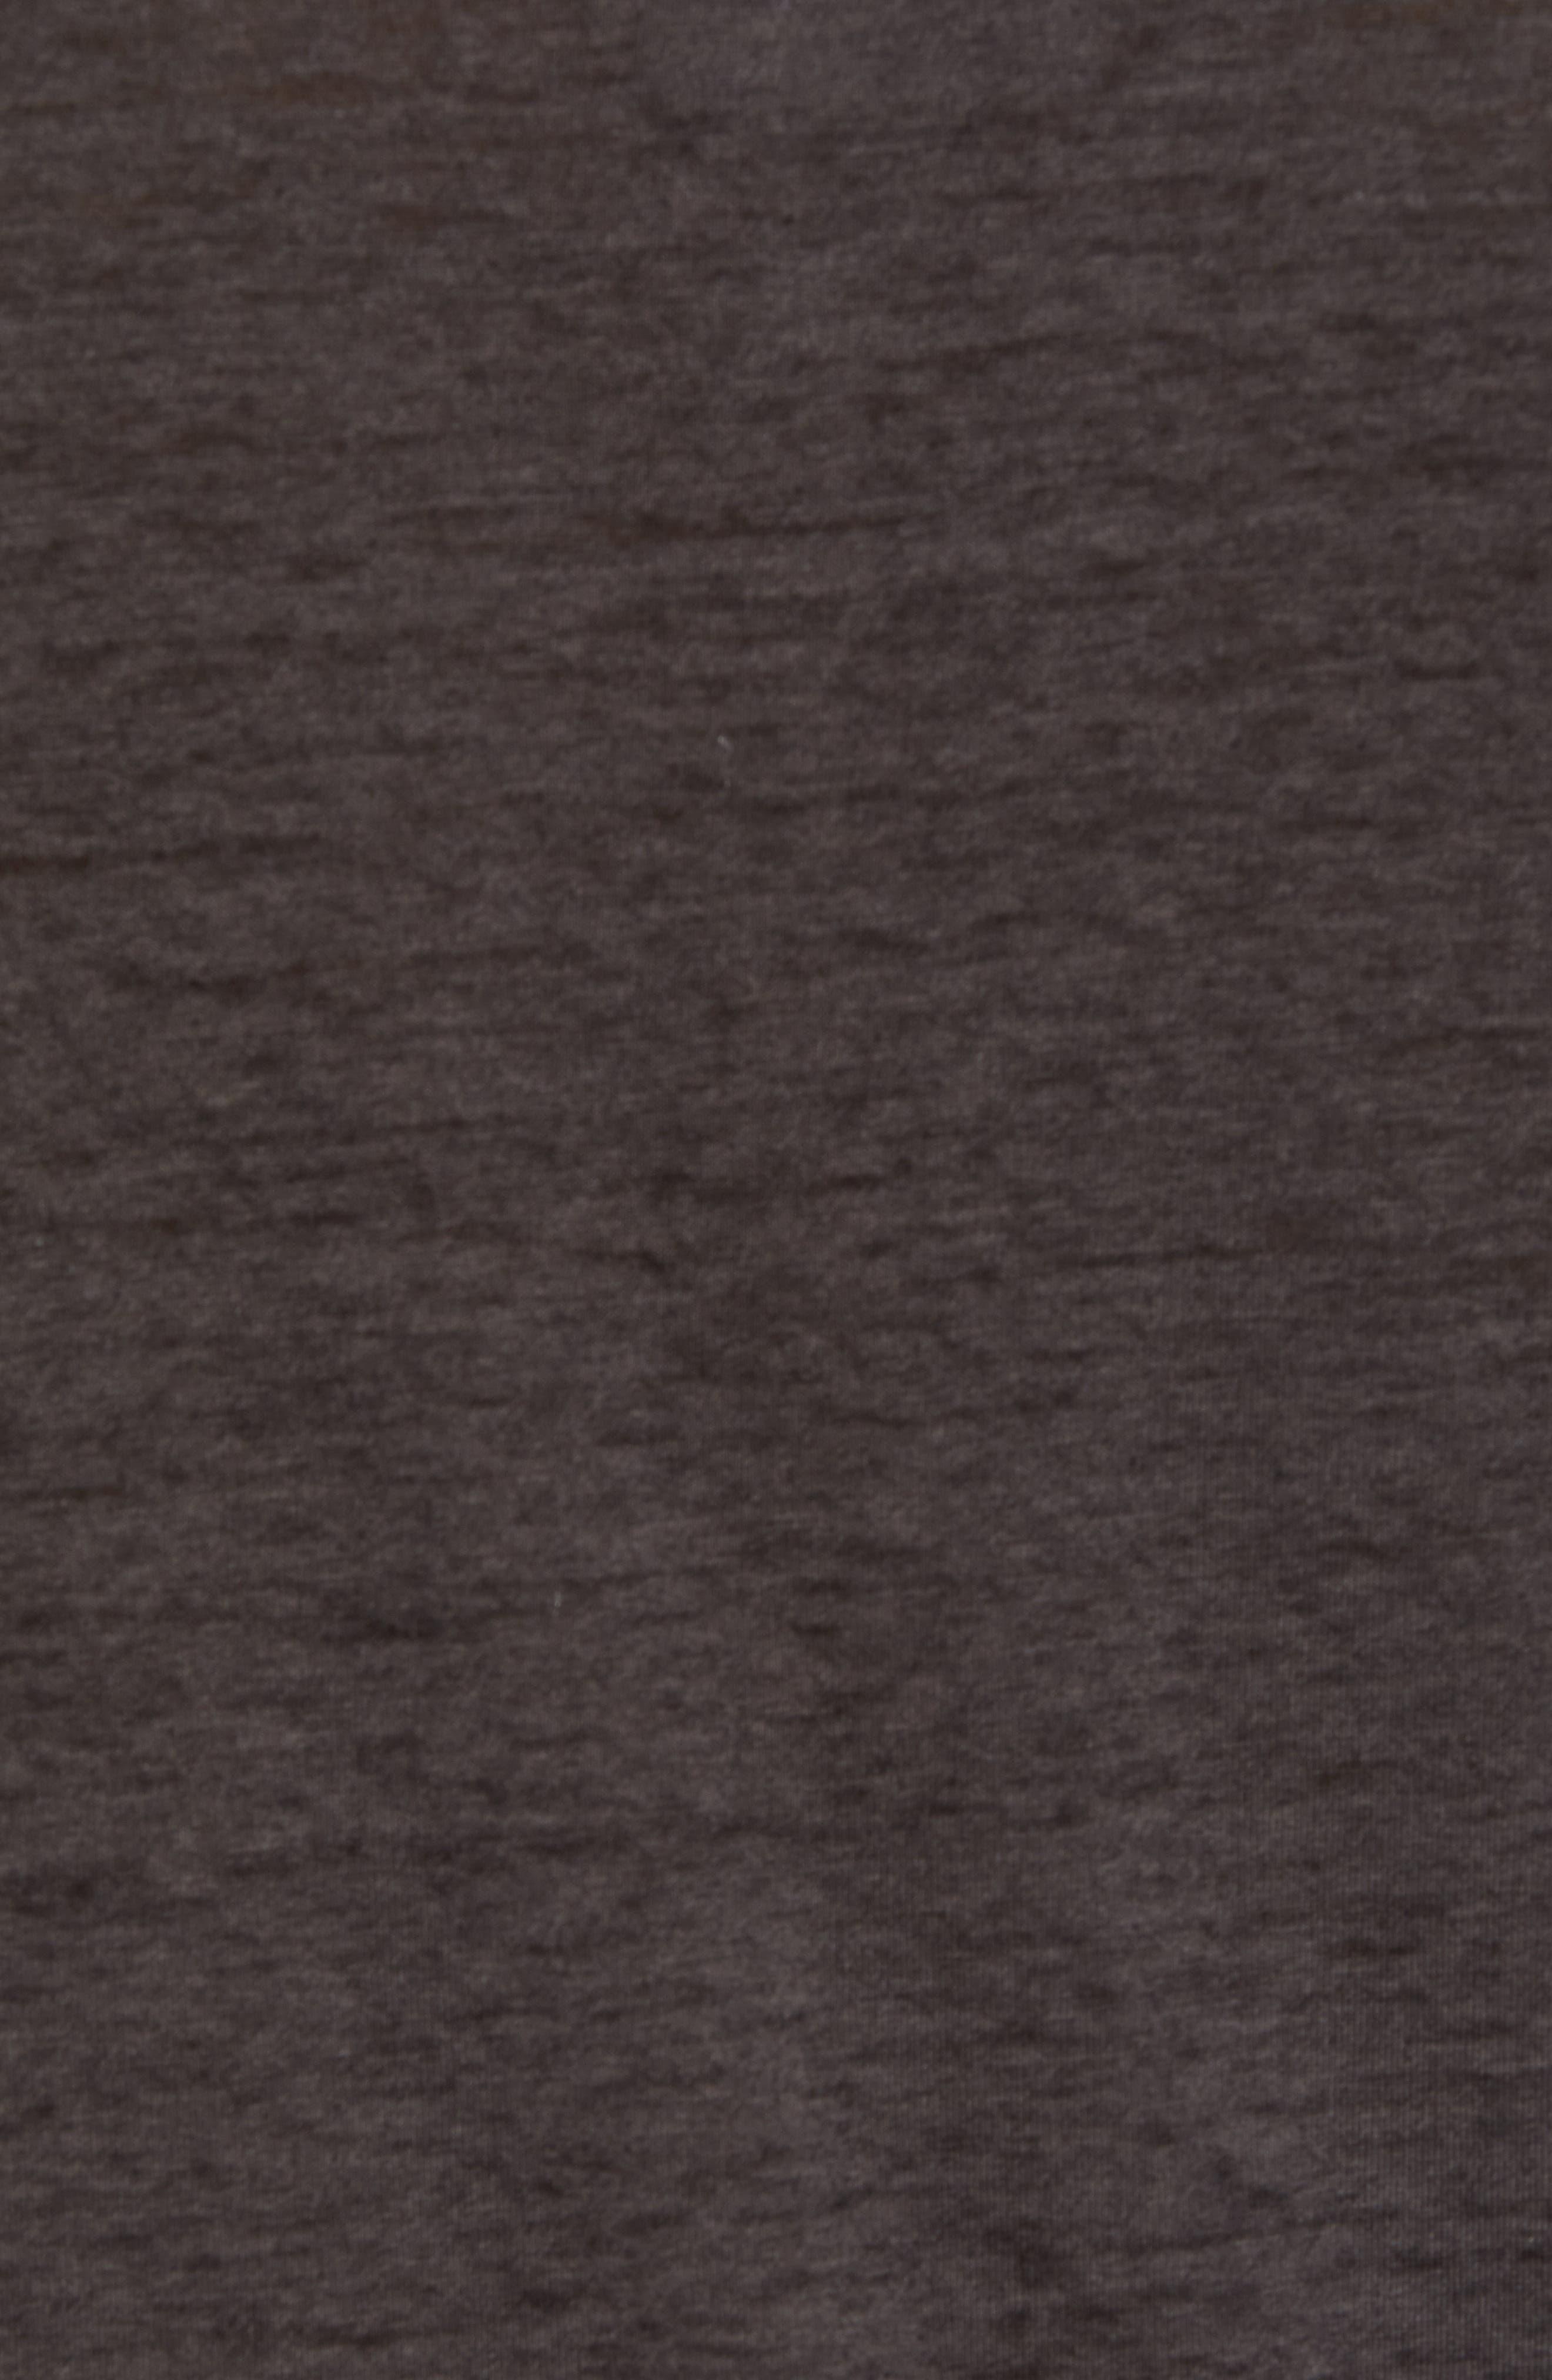 Burnout Henley T-Shirt,                             Alternate thumbnail 5, color,                             020